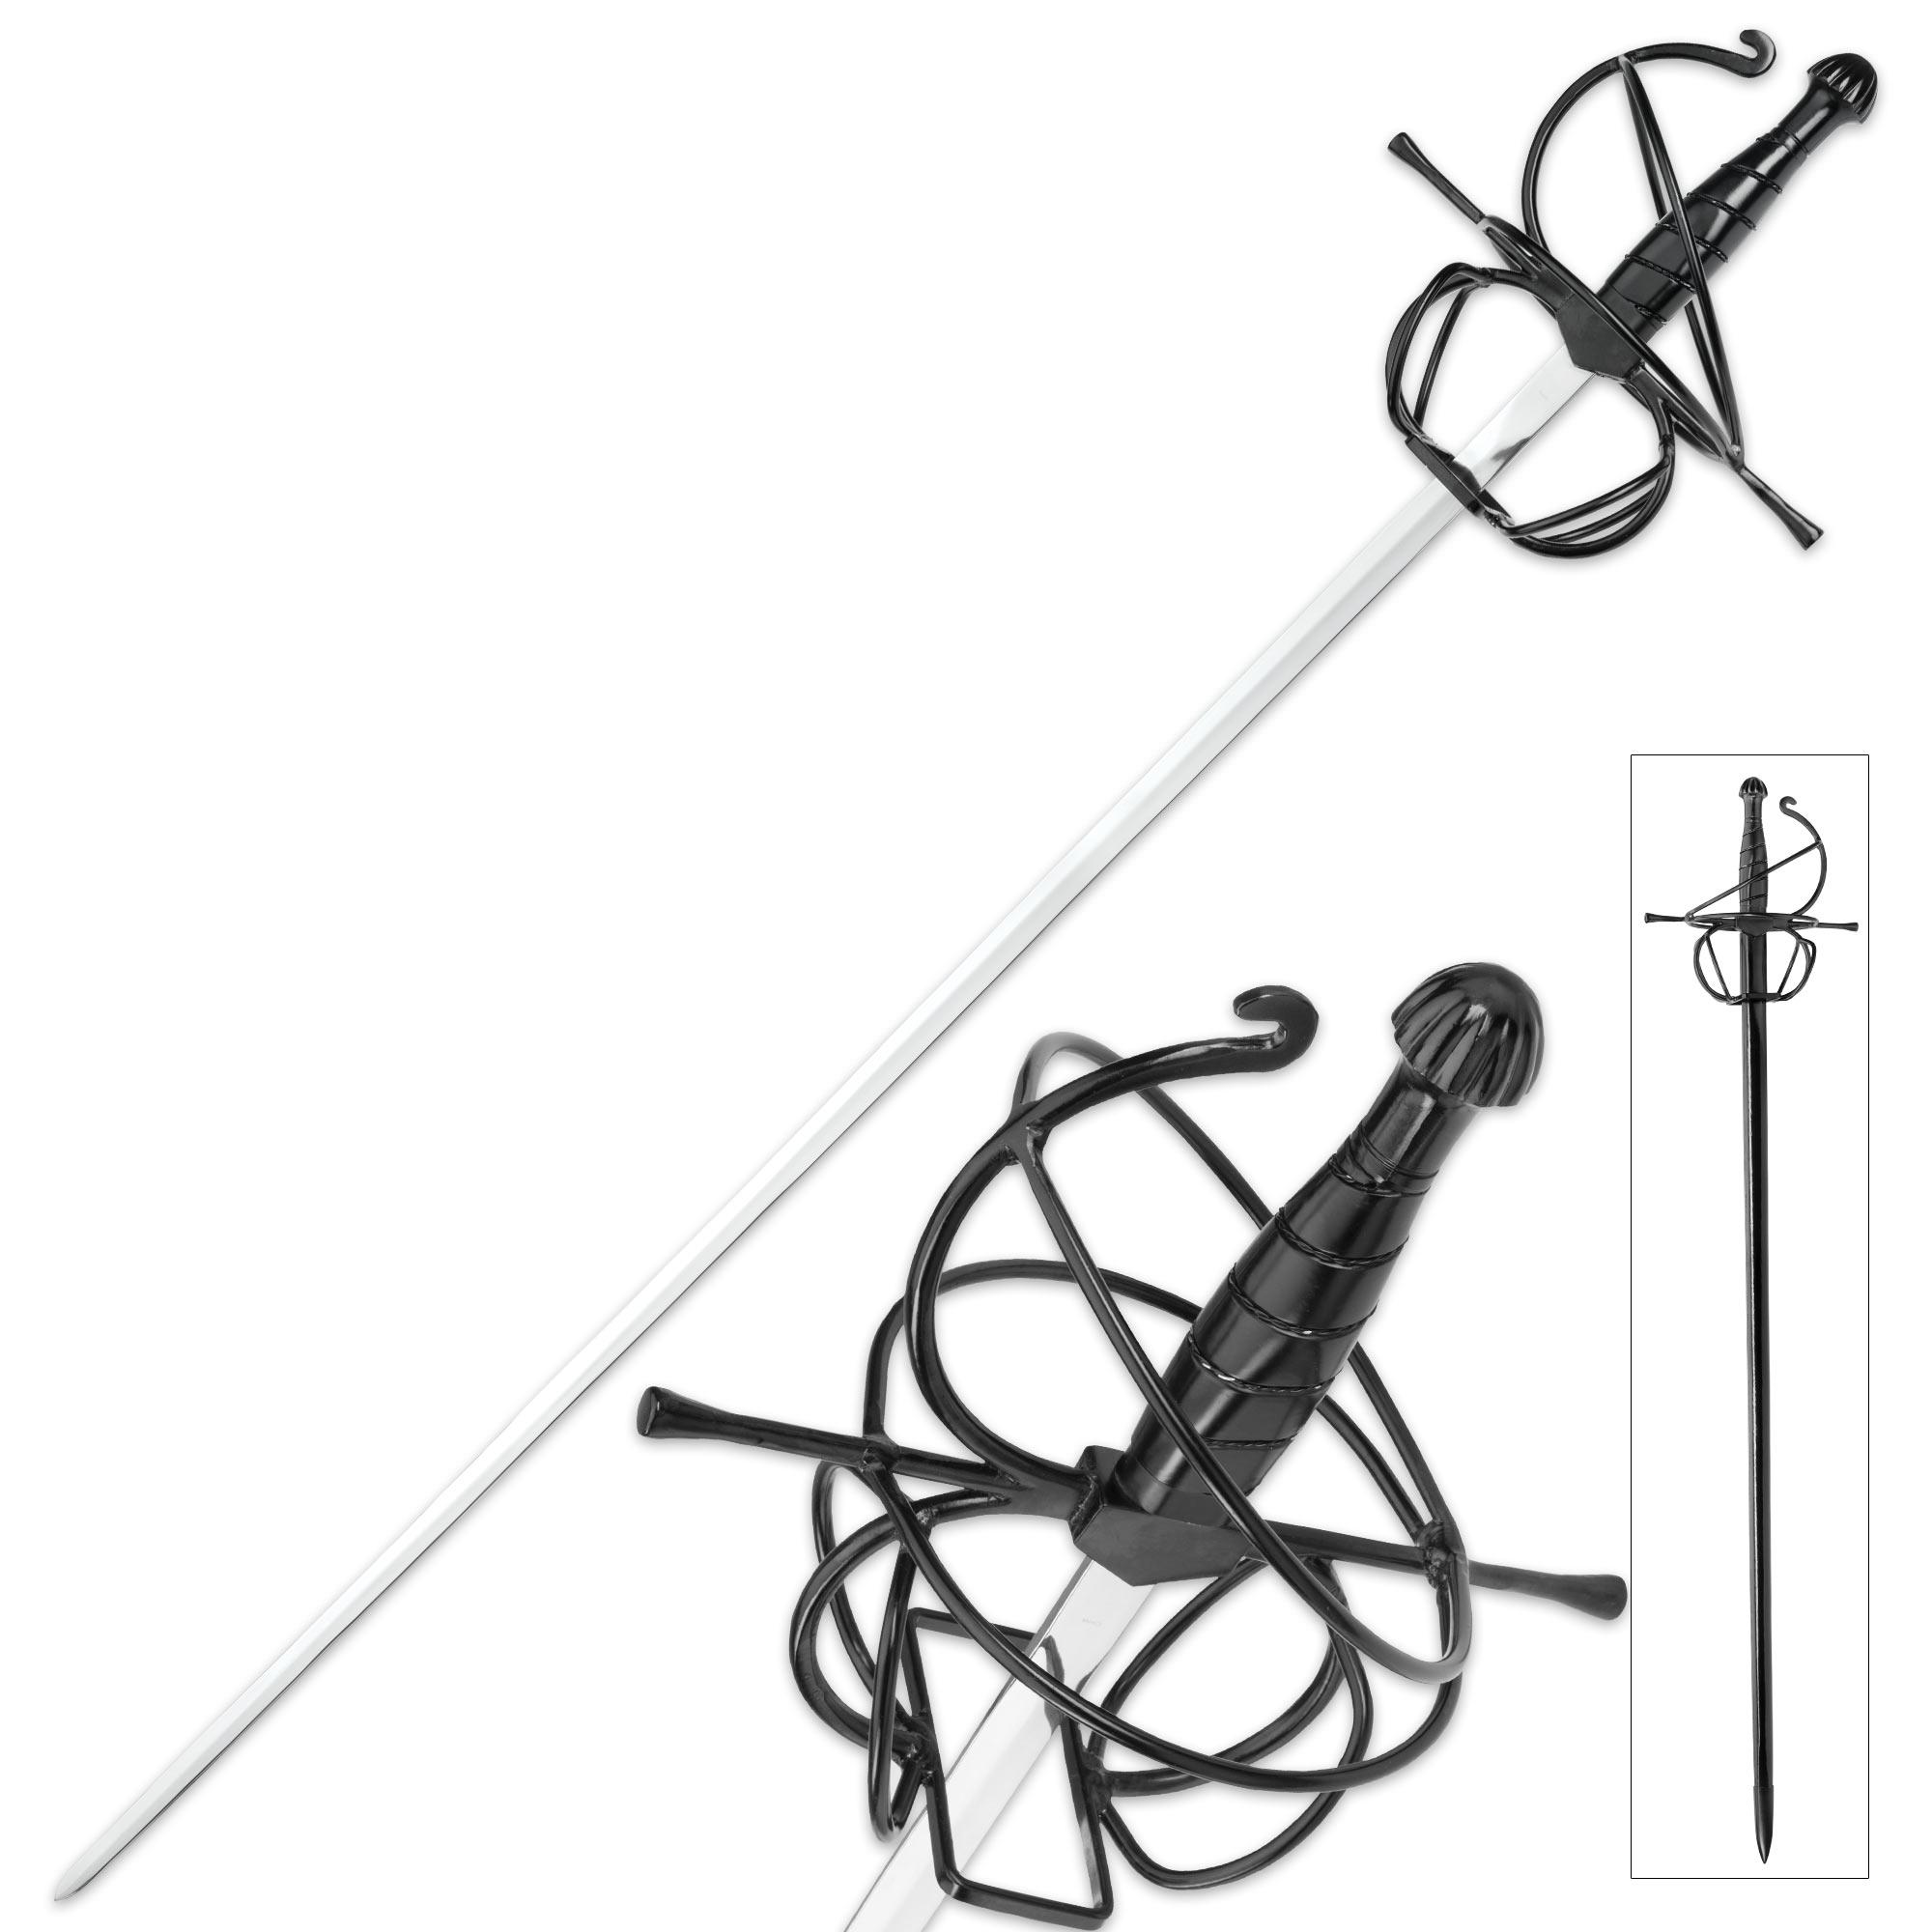 Seville Stinger Rapier Display Sword, Scabbard - Spiral